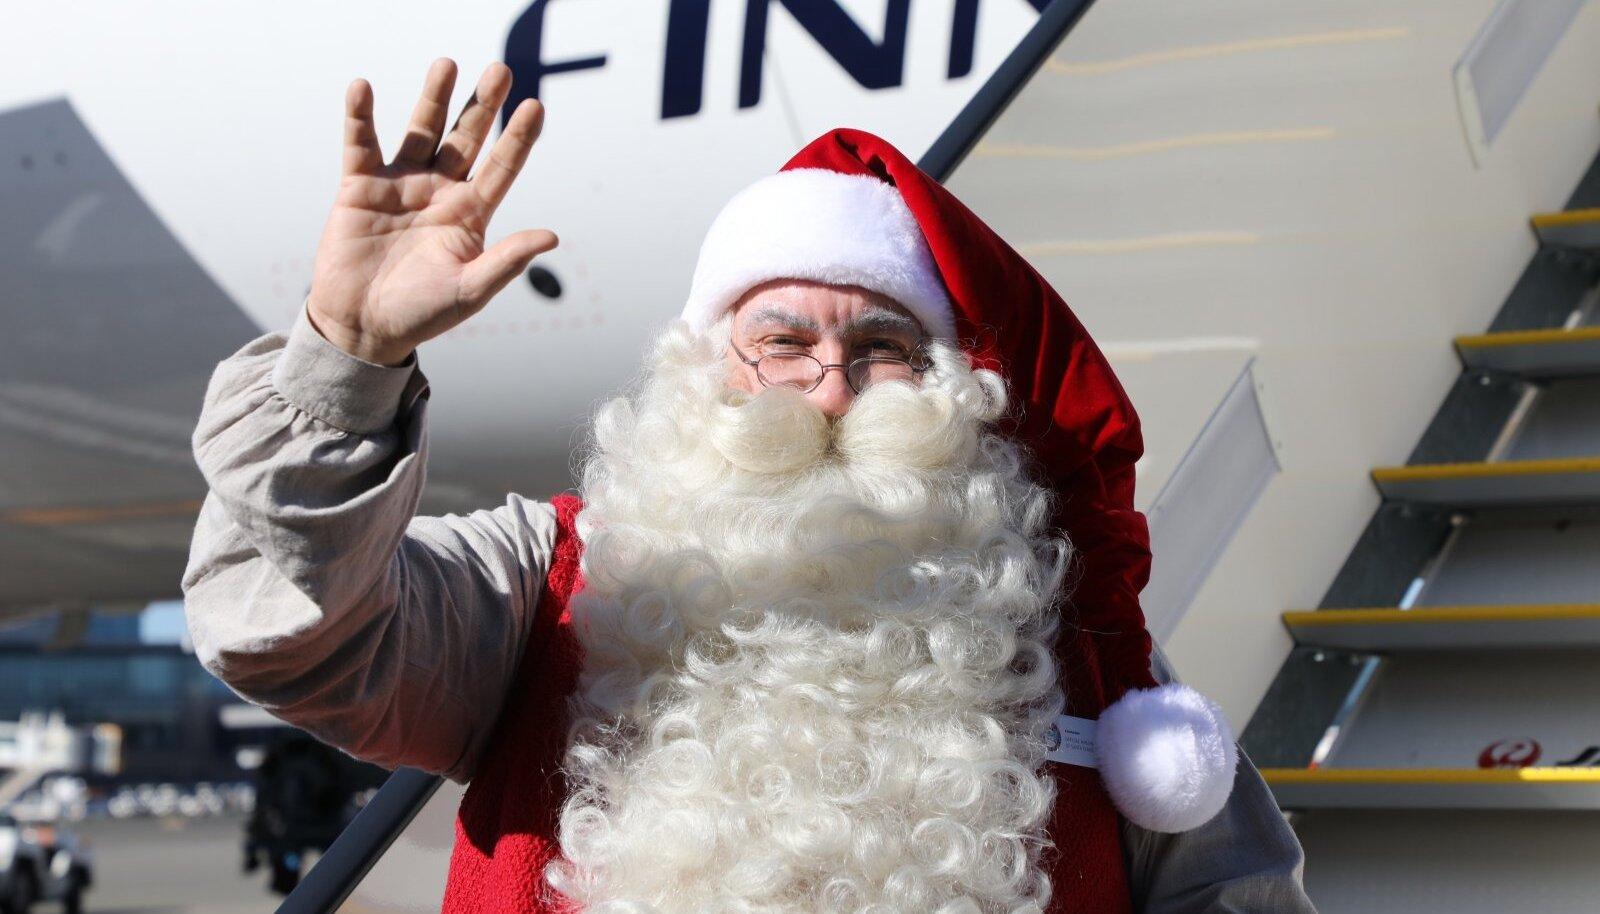 Jõuluvana tuleb ka sellel aastal!